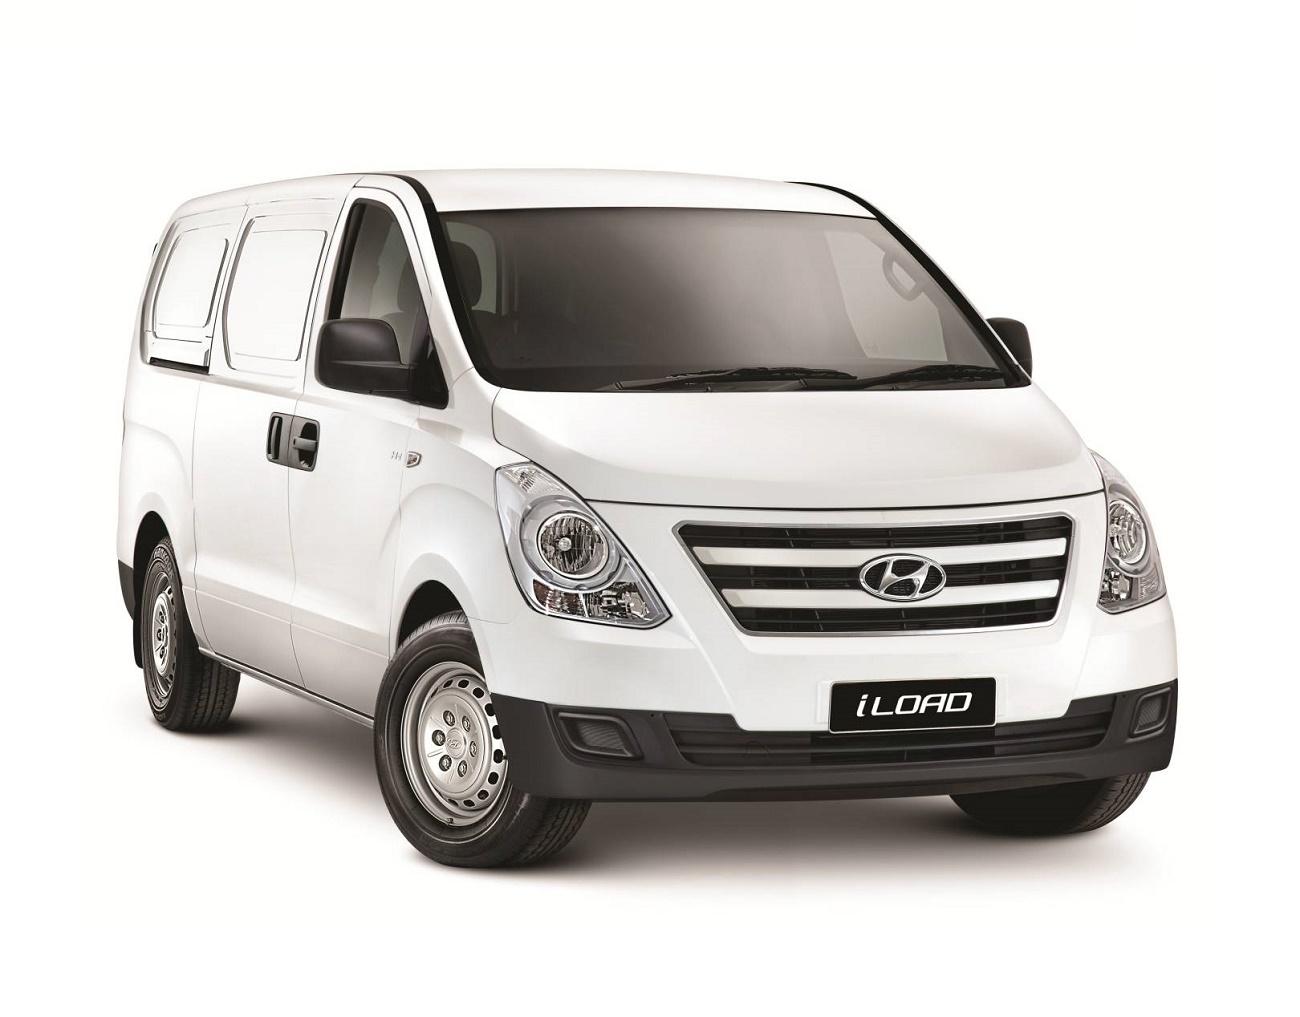 2018 Hyundai iLoad Review | Ute and Van Guide